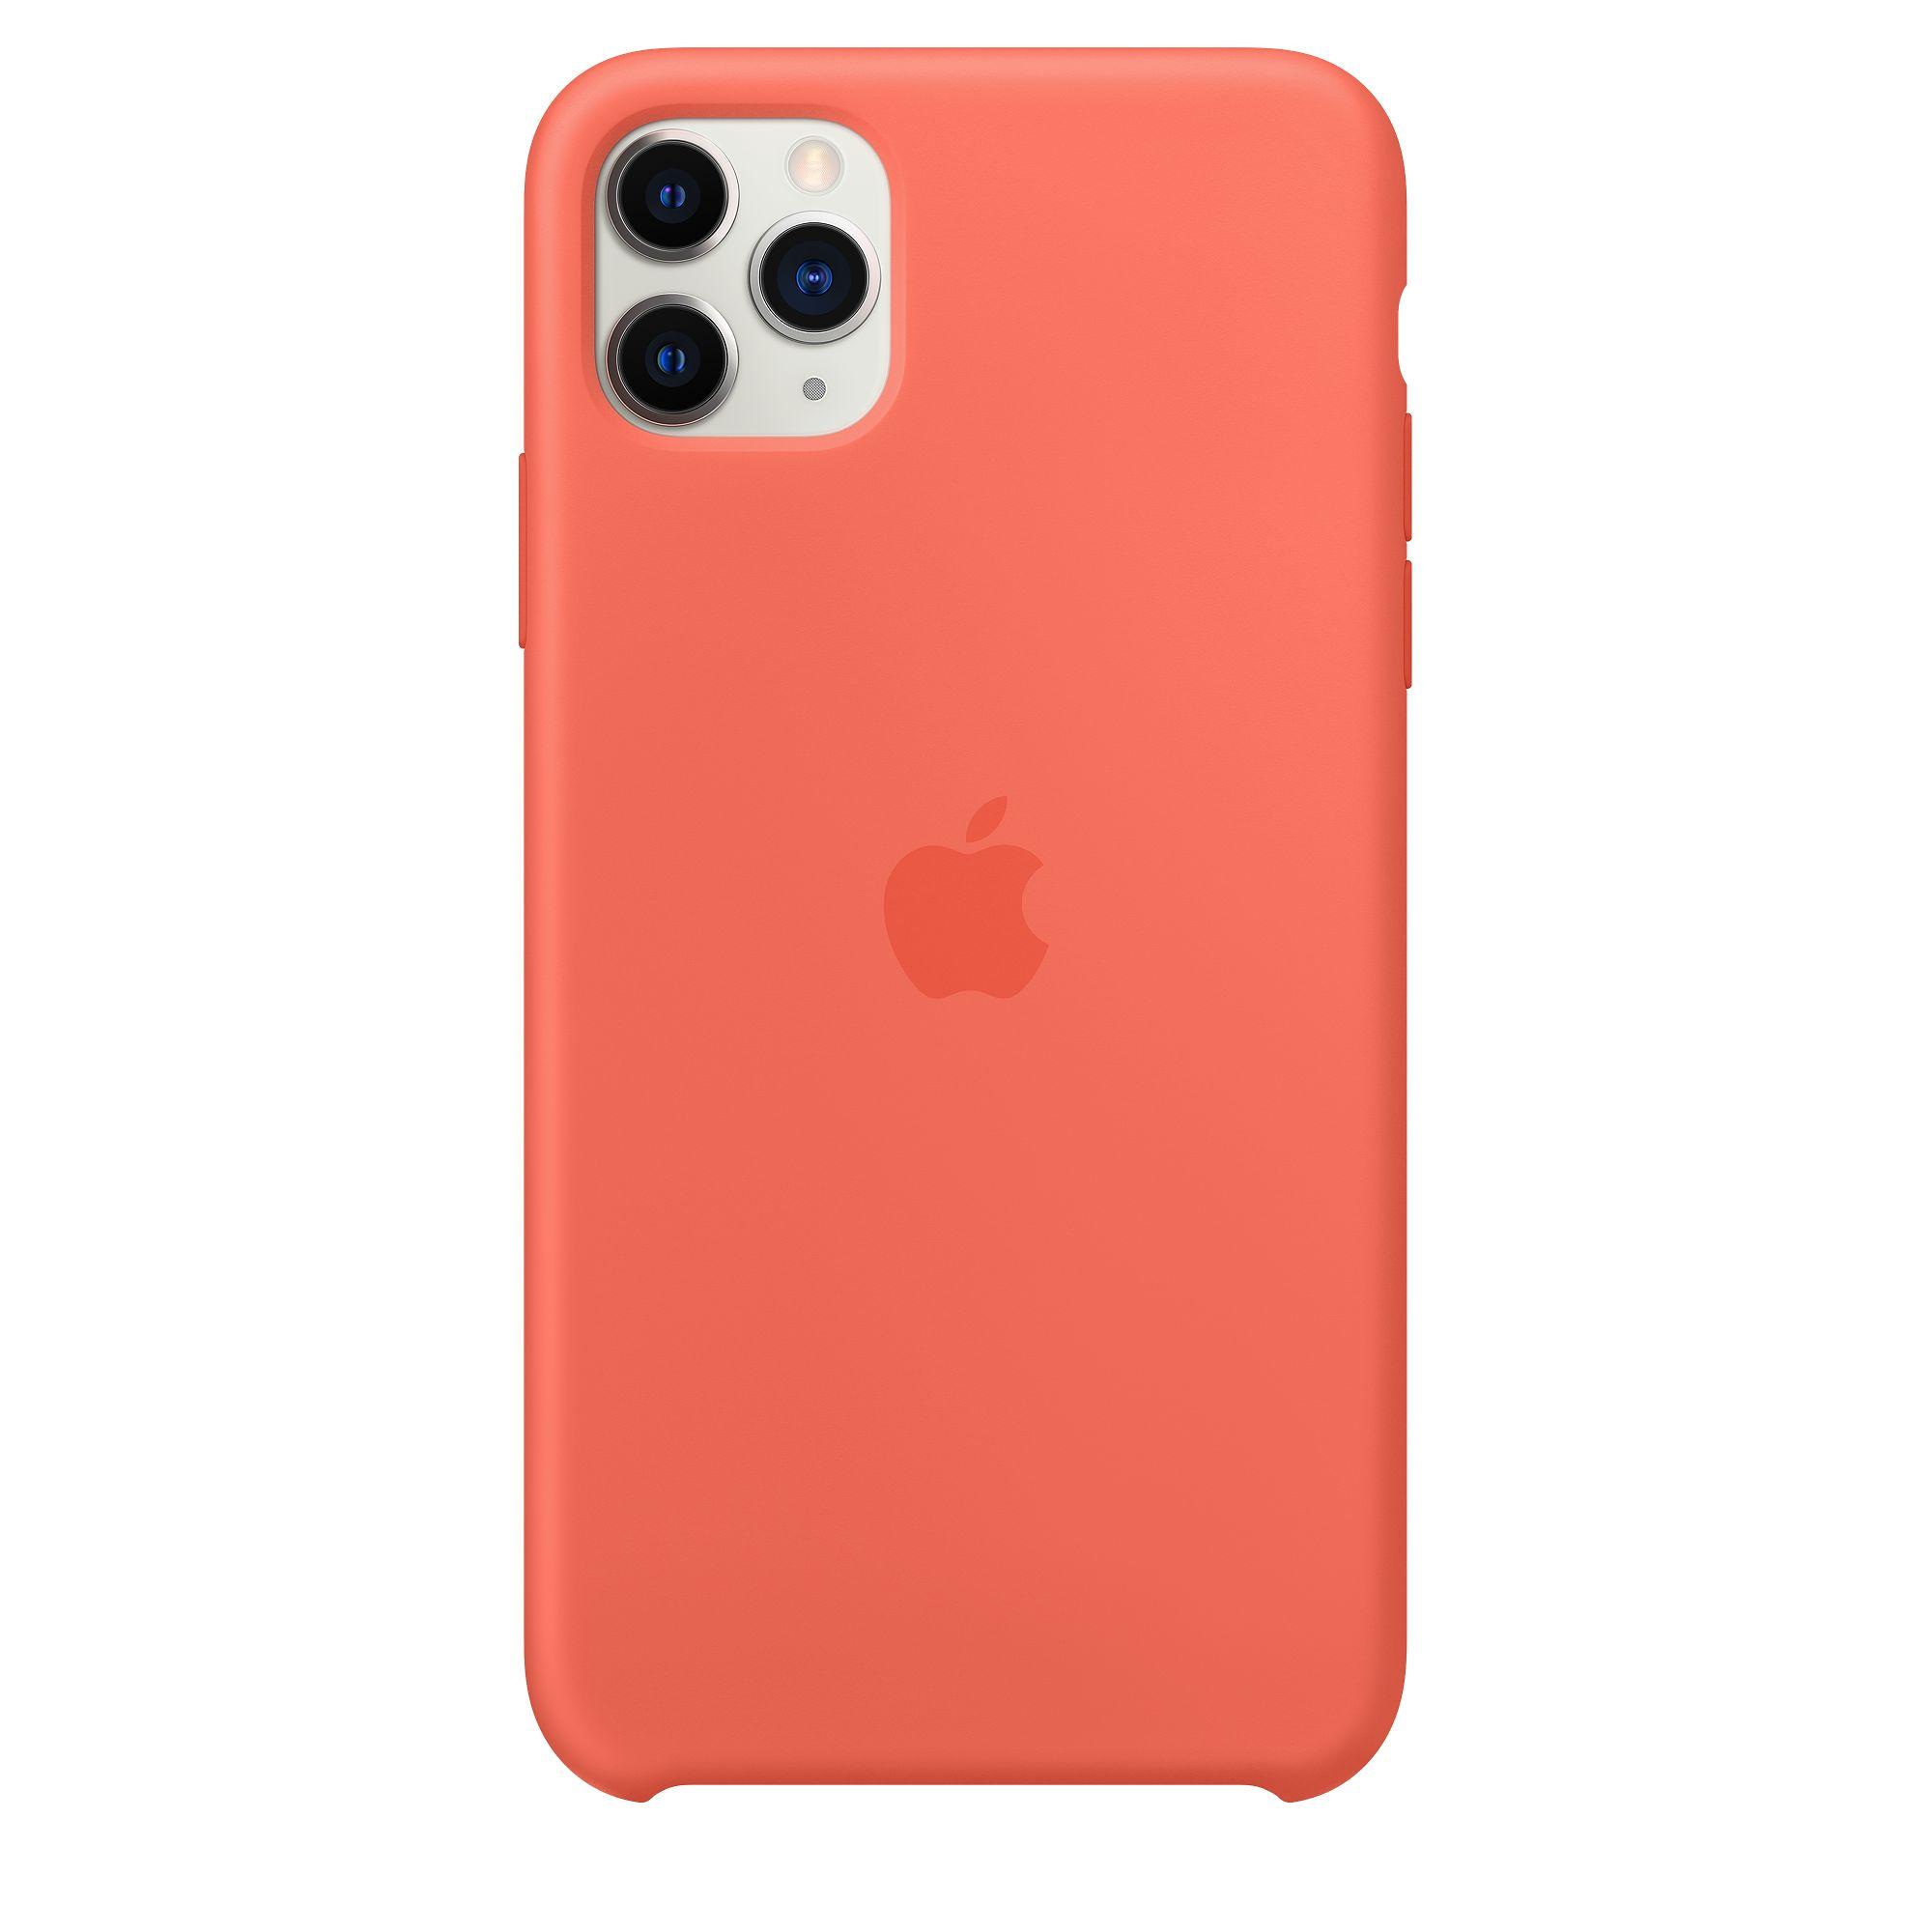 Чехол Apple для iPhone 11 Pro Max Silicone Case Clementine MX022